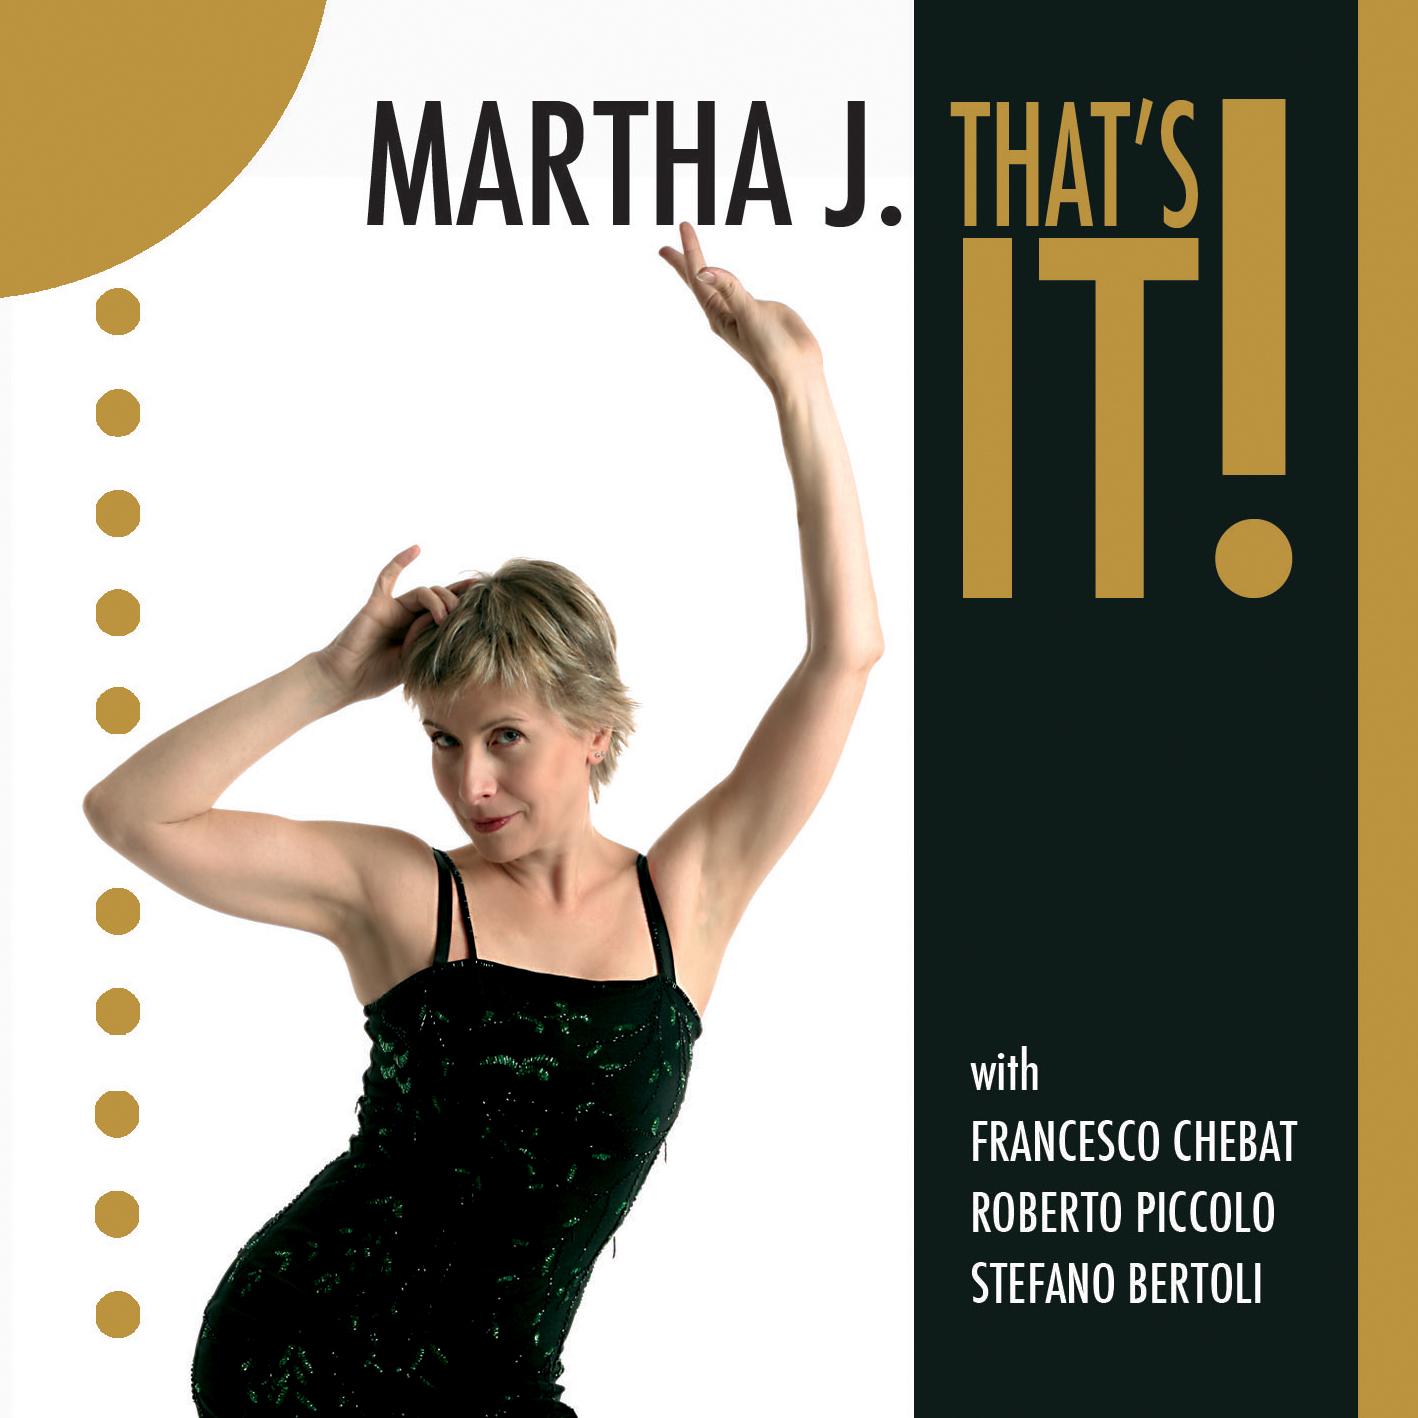 Martha J. disco That's it